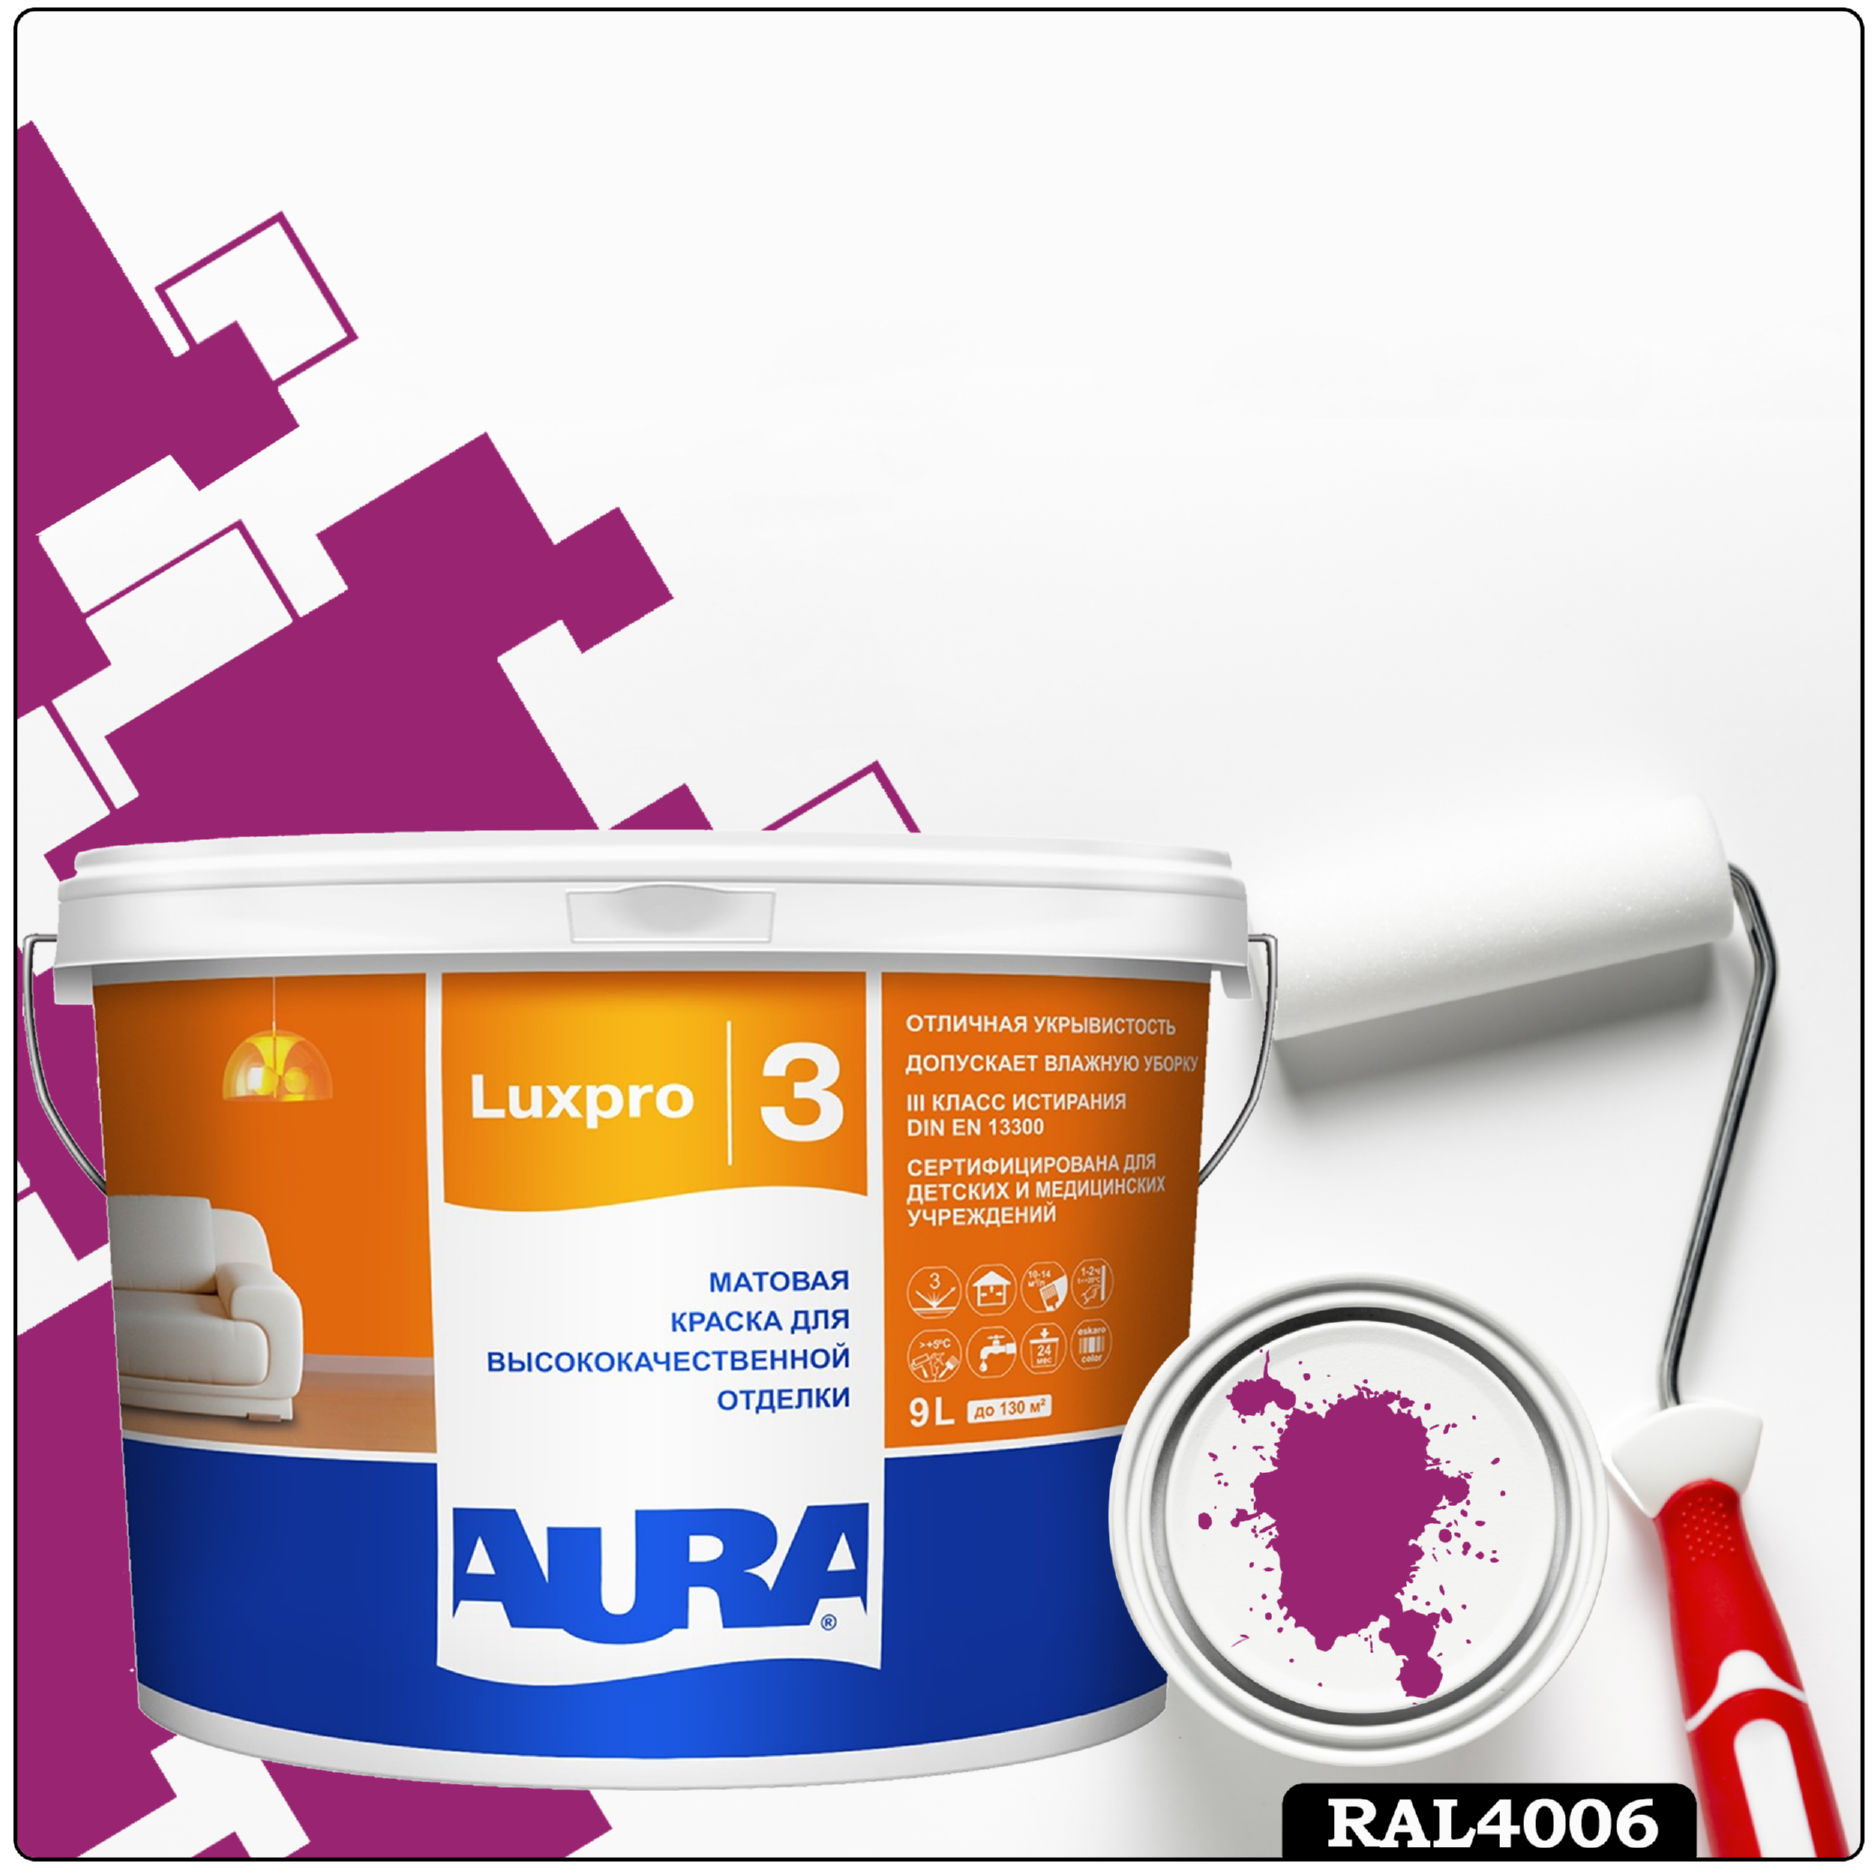 Фото 6 - Краска Aura LuxPRO 3, RAL 4006 Пурпурный транспортный, латексная, шелково-матовая, интерьерная, 9л, Аура.